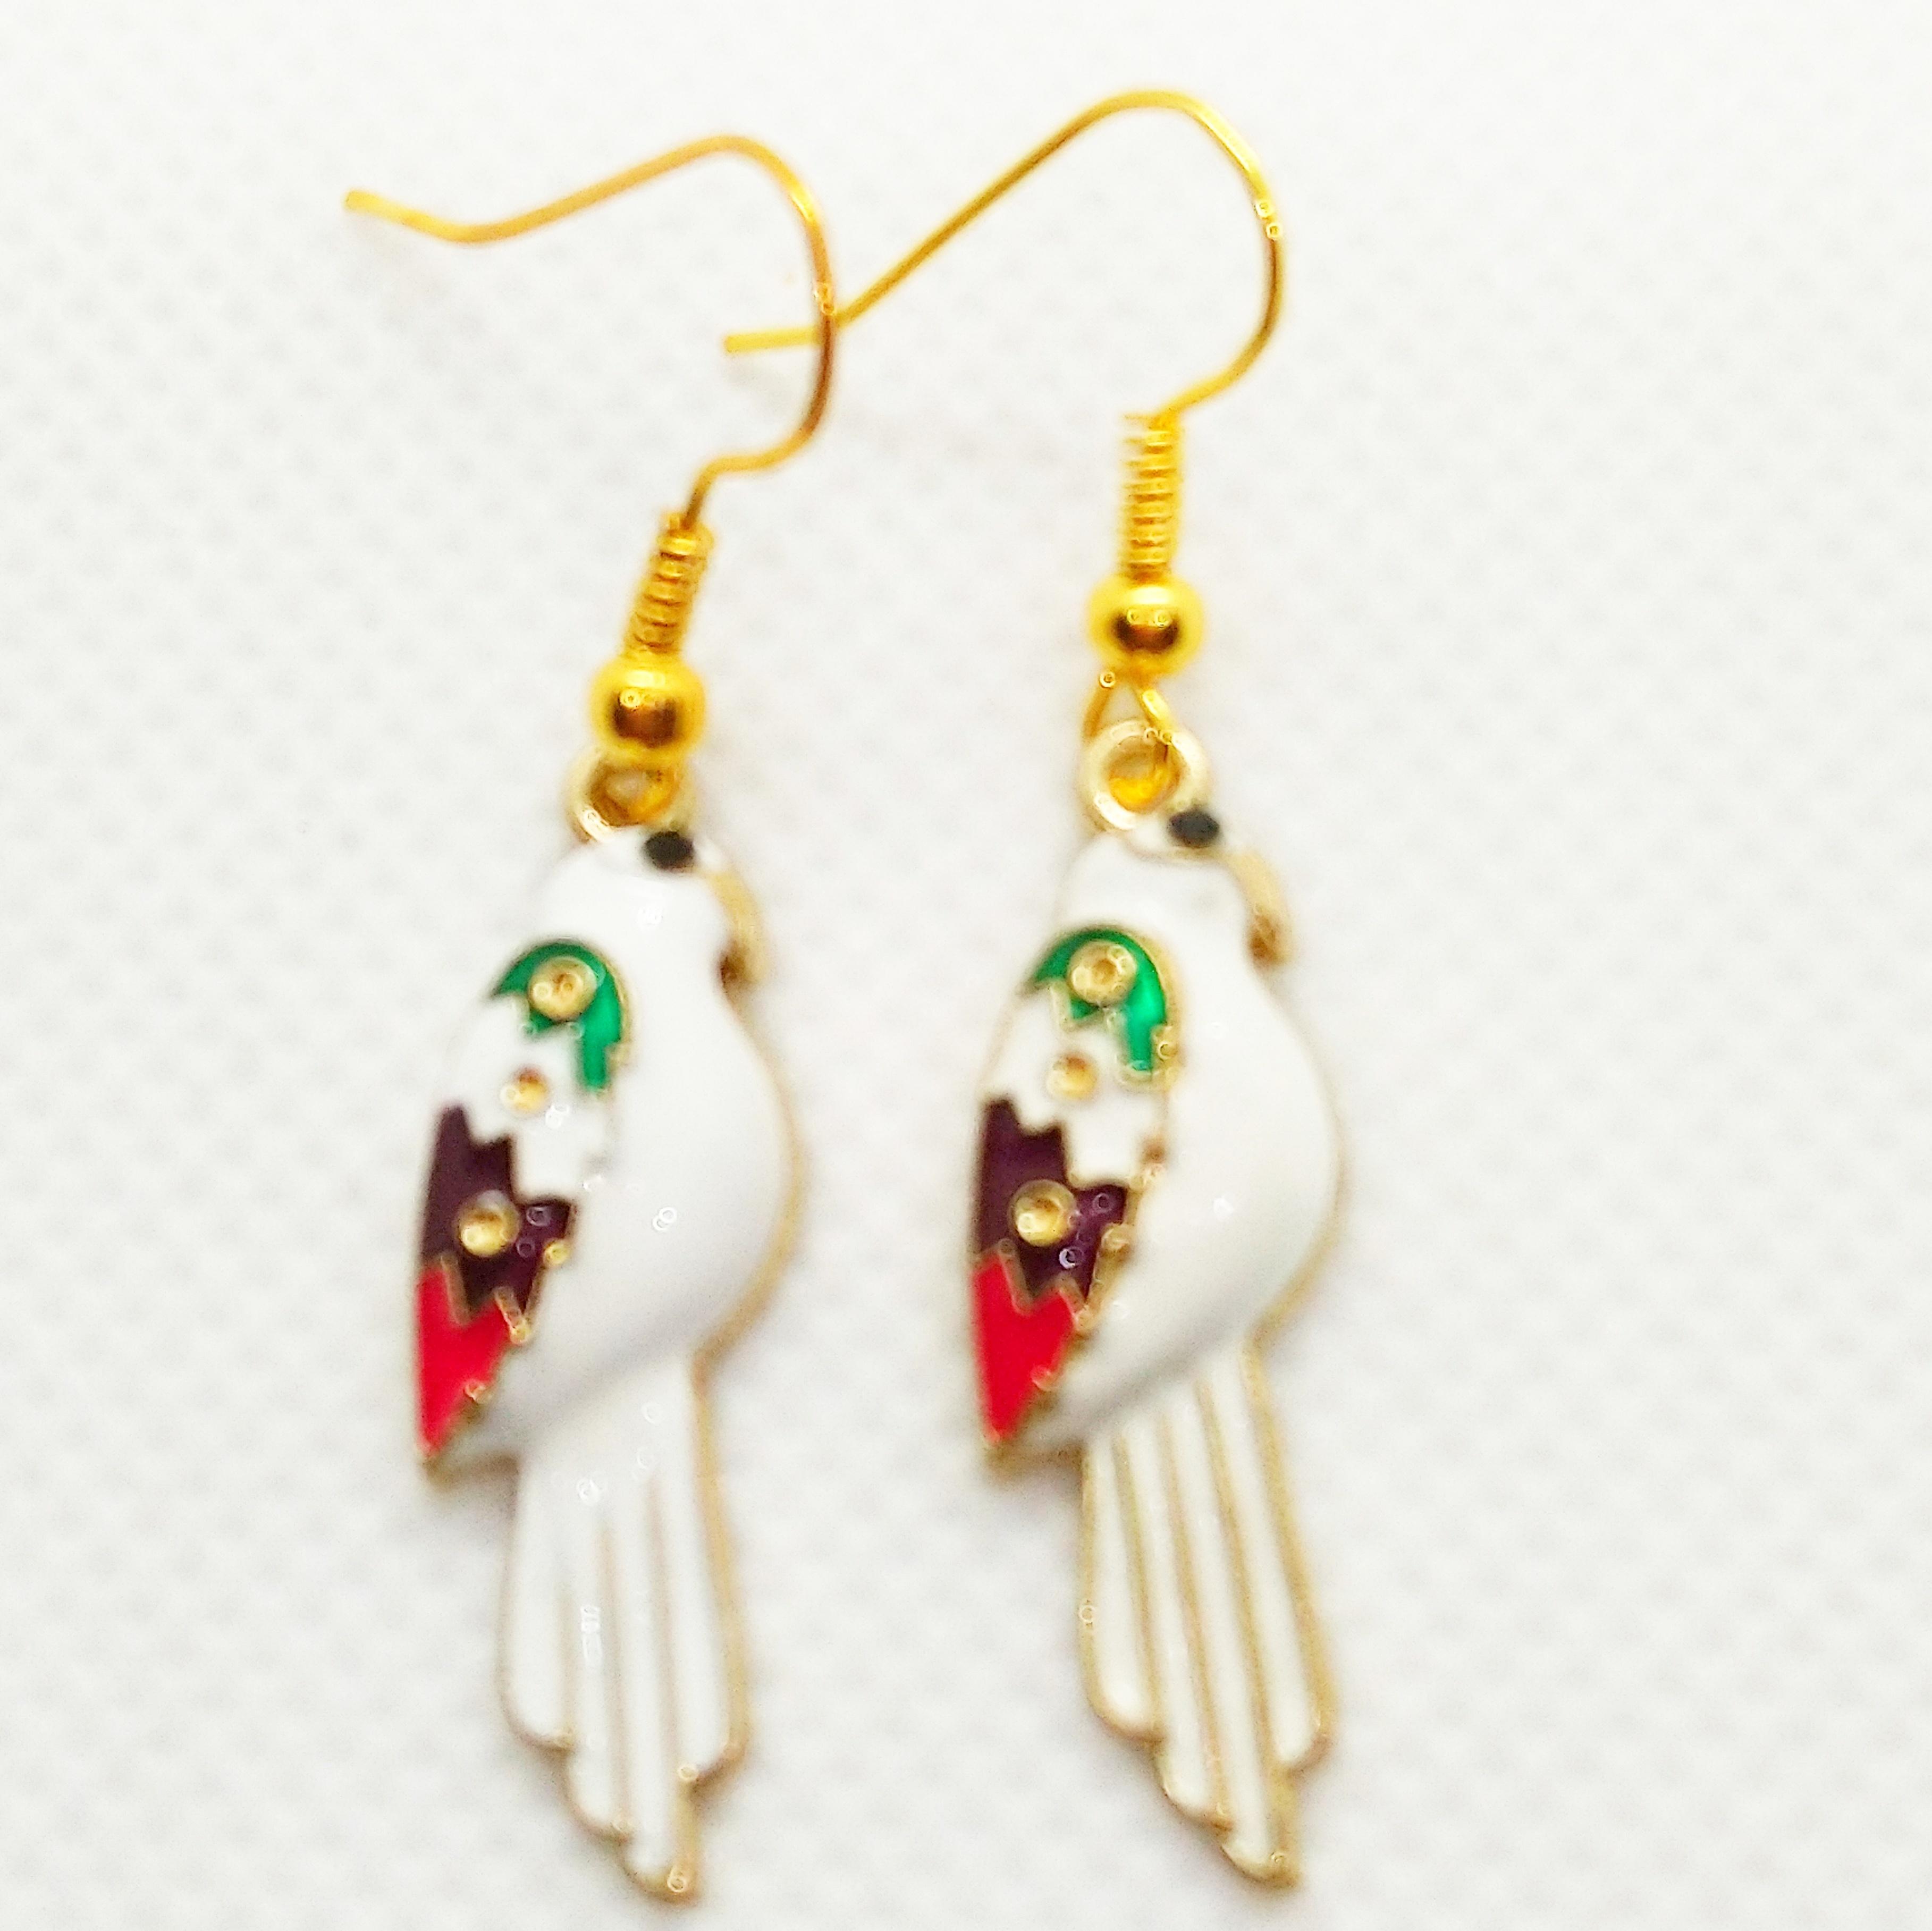 Parrot Enamel  Earringsl.  Gold Plated Ear Wires. Beautiful Boho Earrings.  Ideal Gift for Women. Bird Lovers Jewellery.